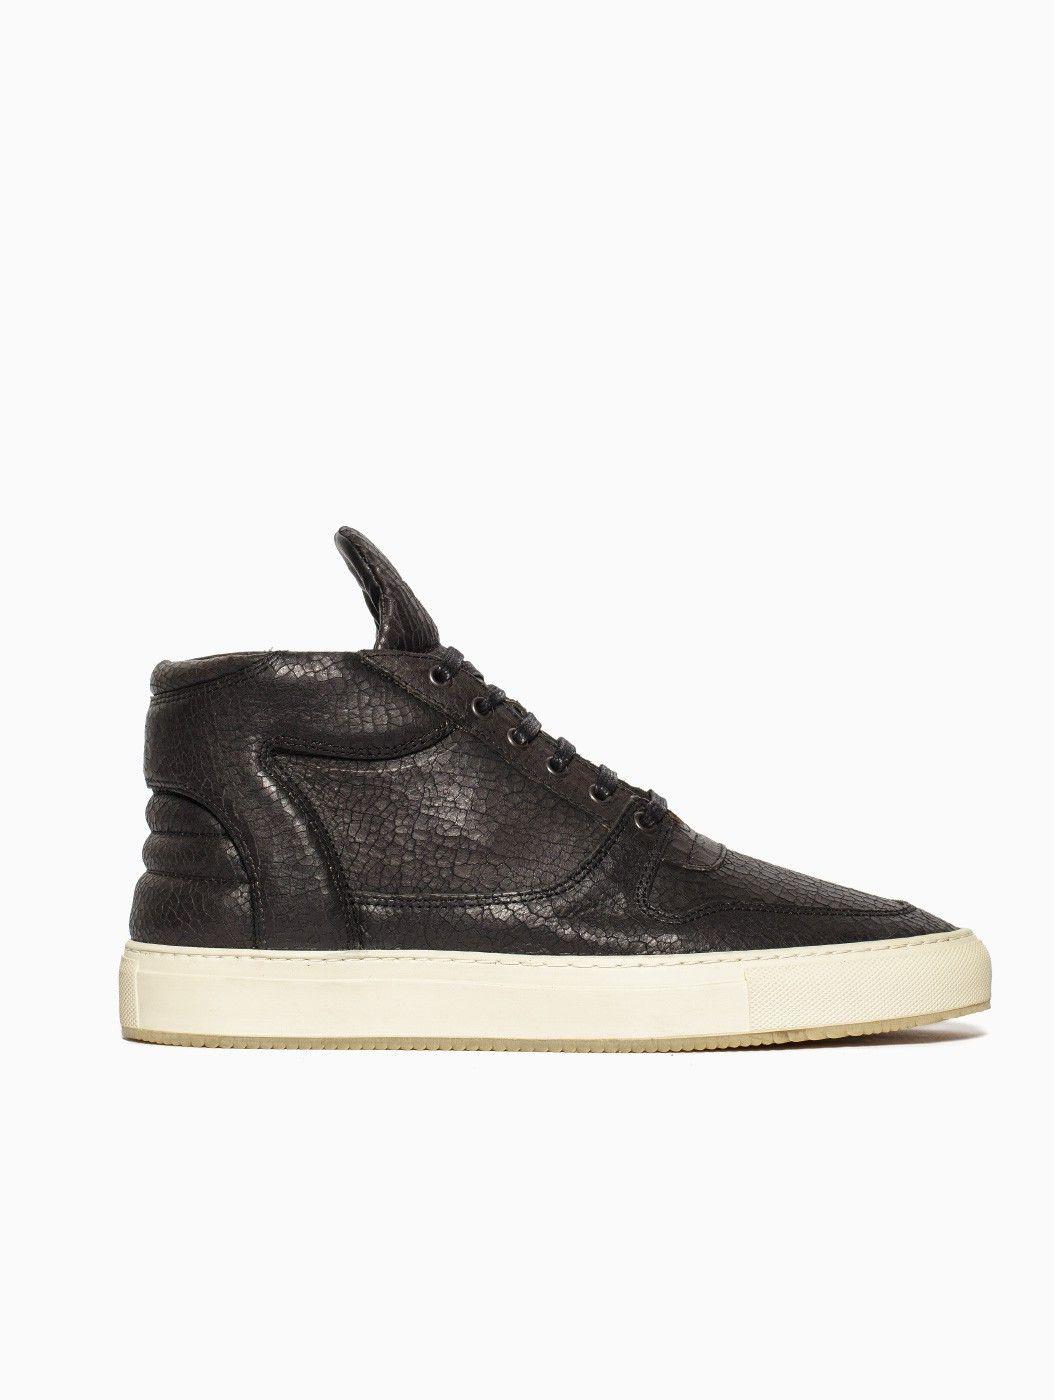 Mid Top sneakers